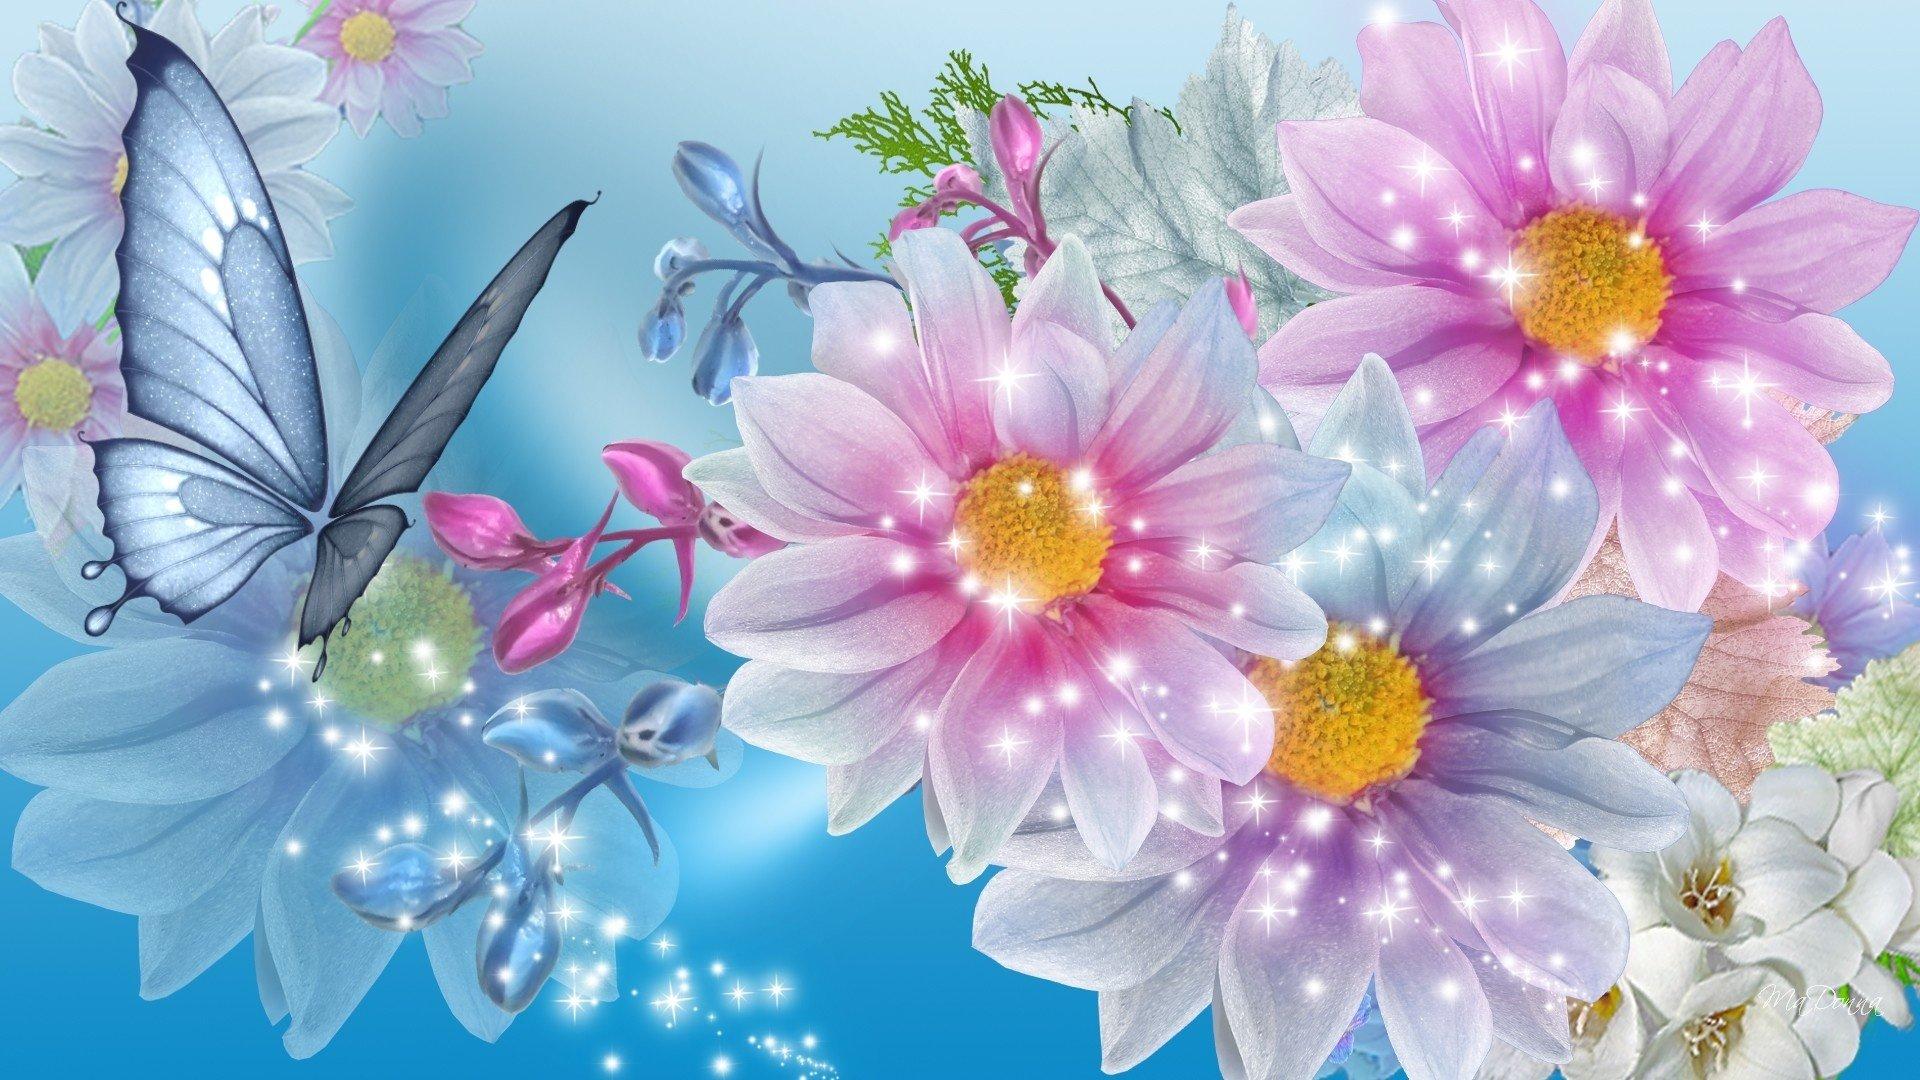 Beautiful flower wallpaper for Girls Desktop Wallpaper 1920x1080